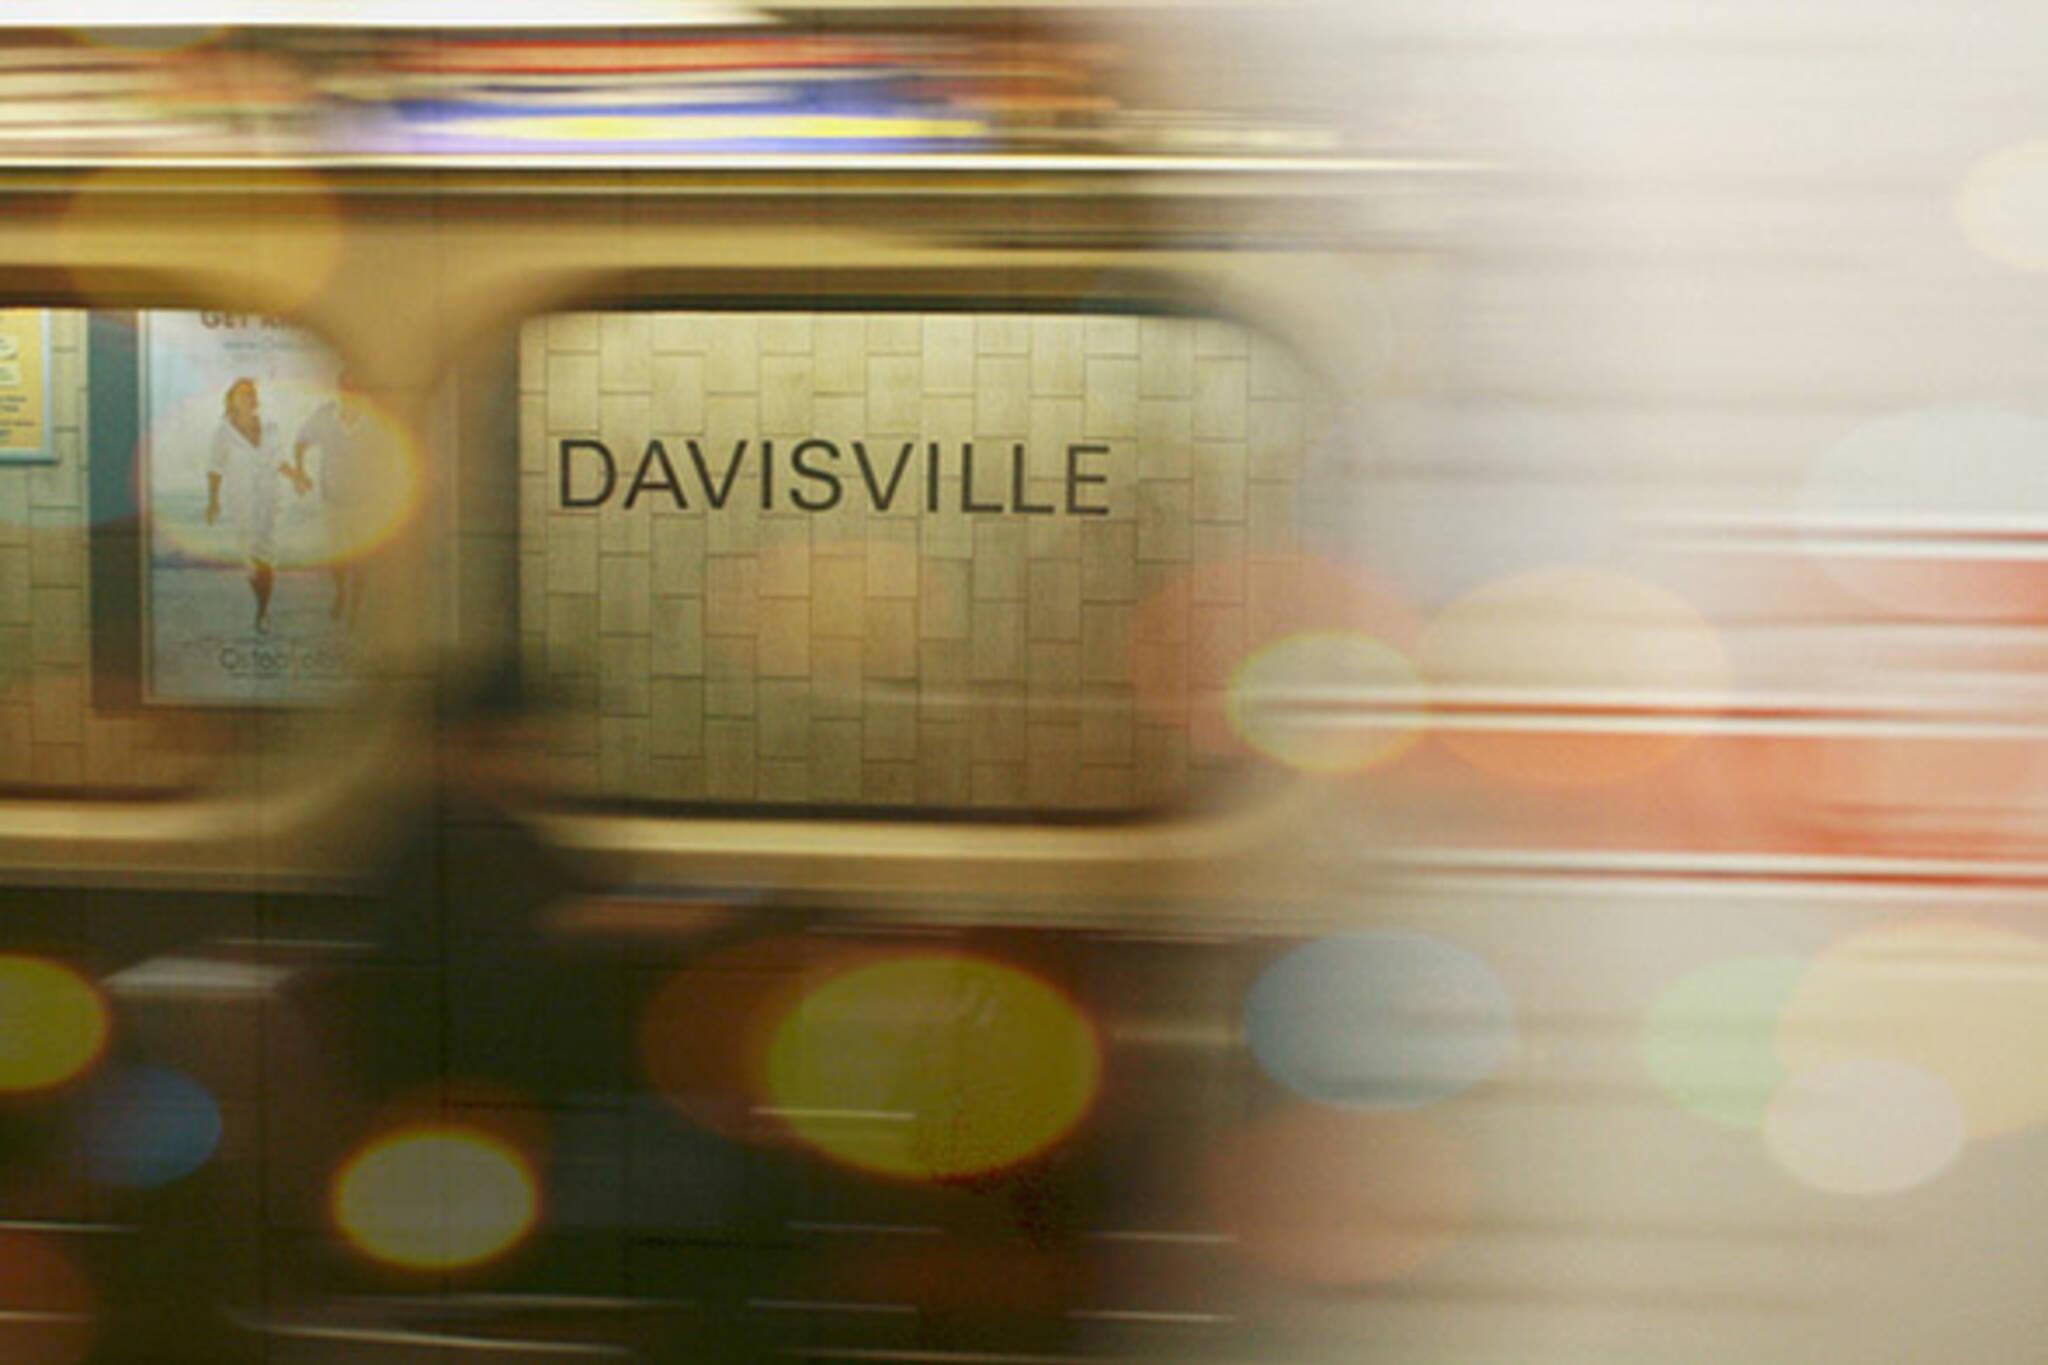 davisvile, subway, station